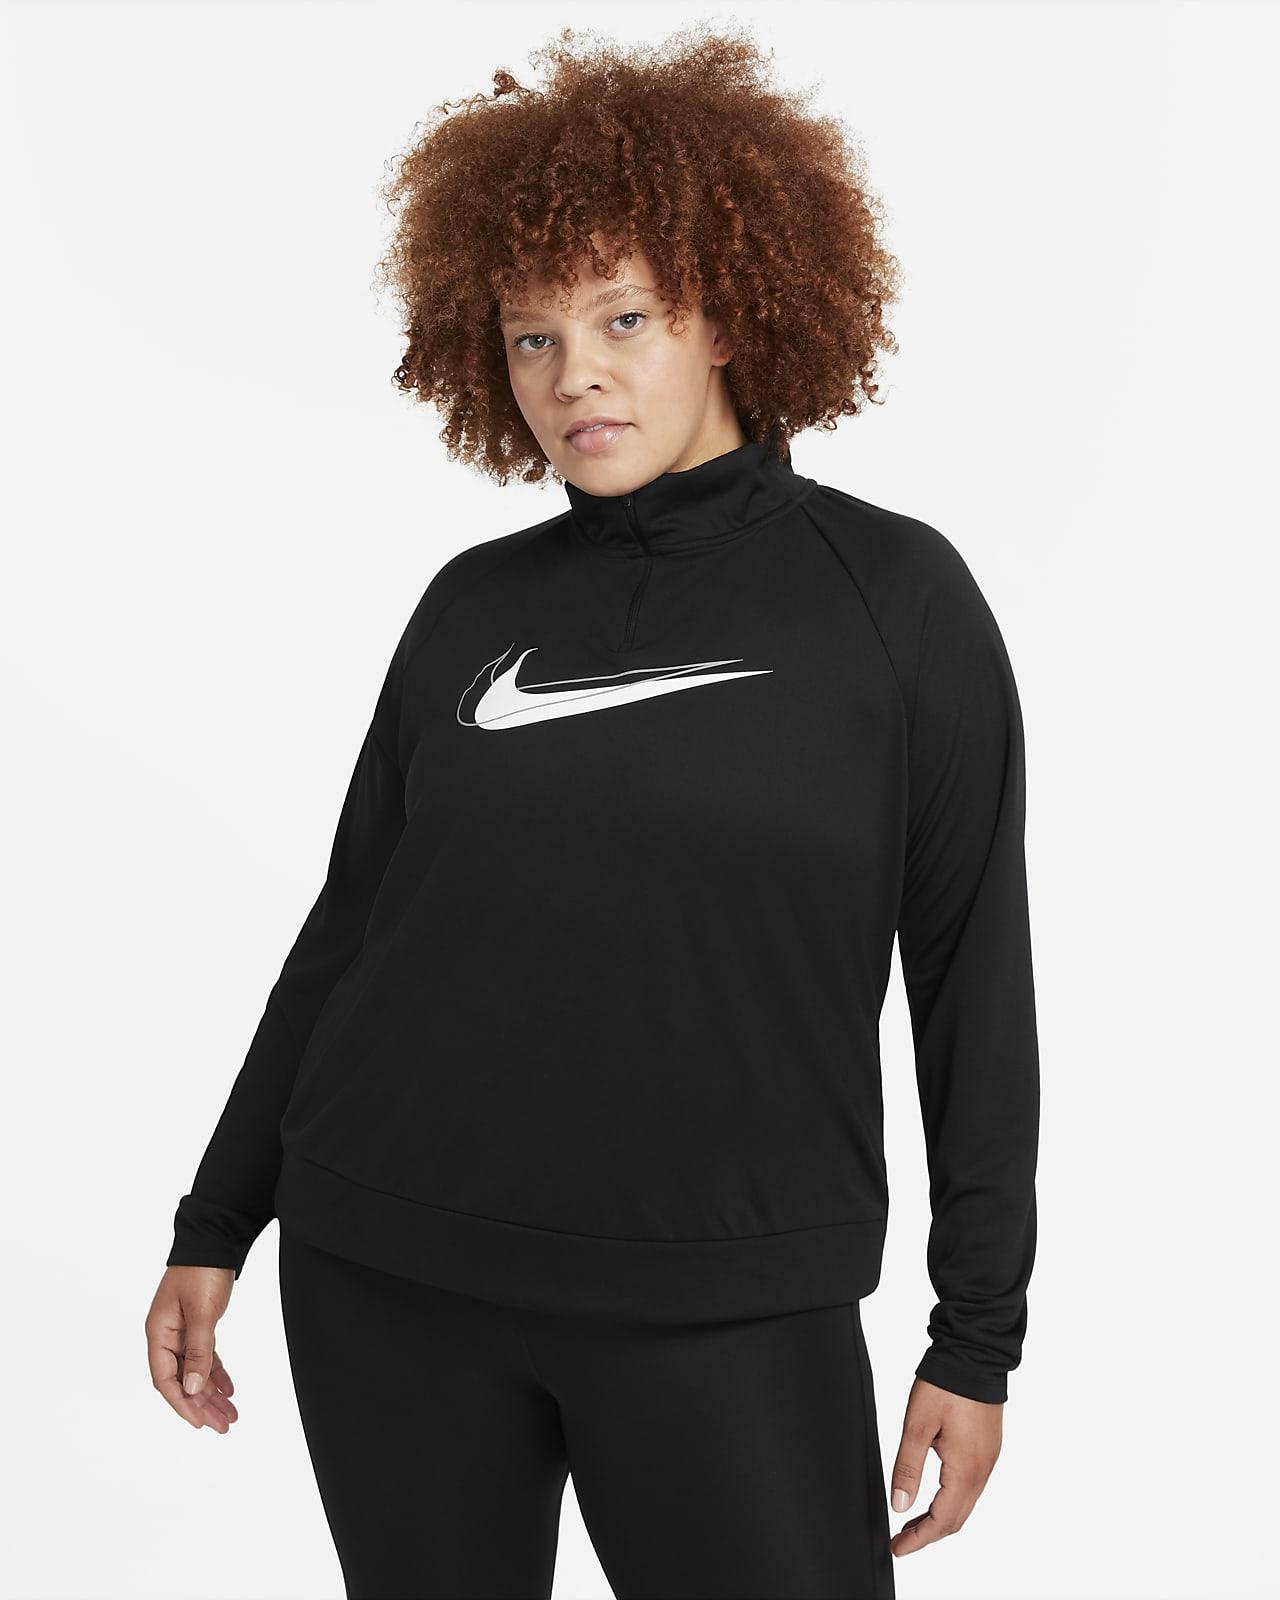 Nike Dri-FIT Swoosh Run rövid cipzáras női aláöltözet futáshoz (plus size méret)